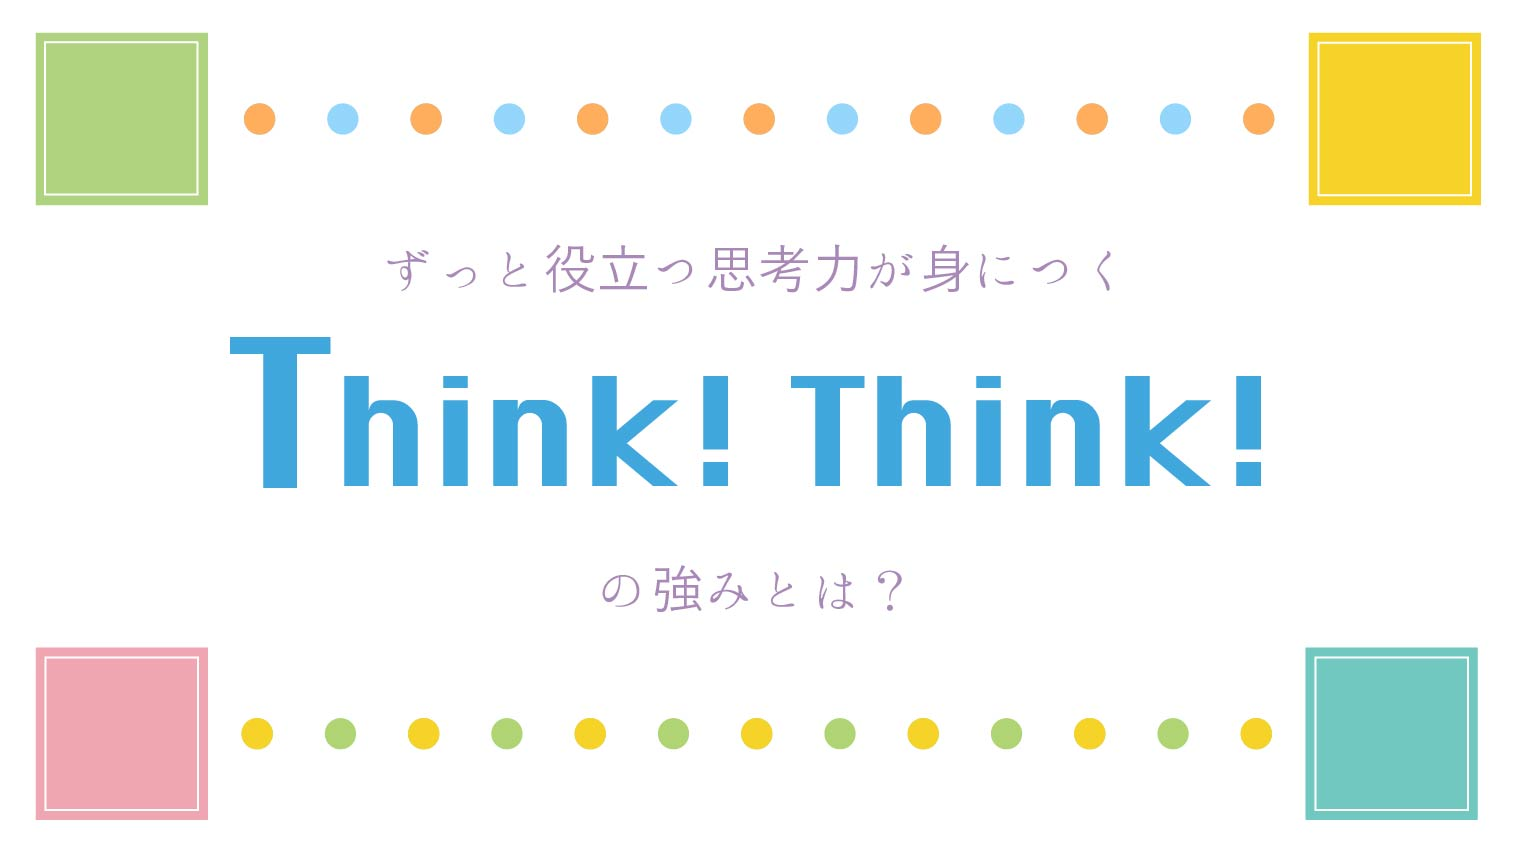 ずっと役立つ思考力が身につく【Think!Think!】の強みとは?